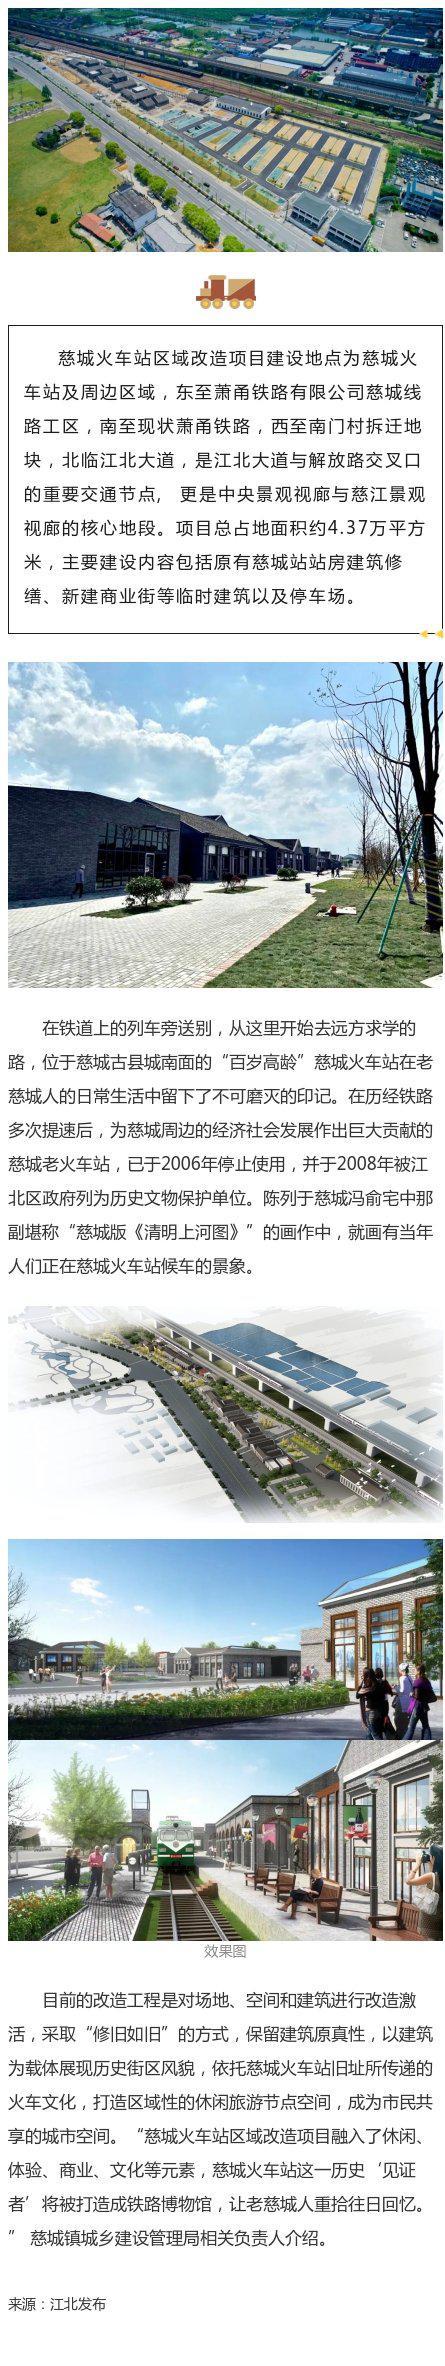 宁波慈城火车站区域改造预计6月完工 重现旧时记忆